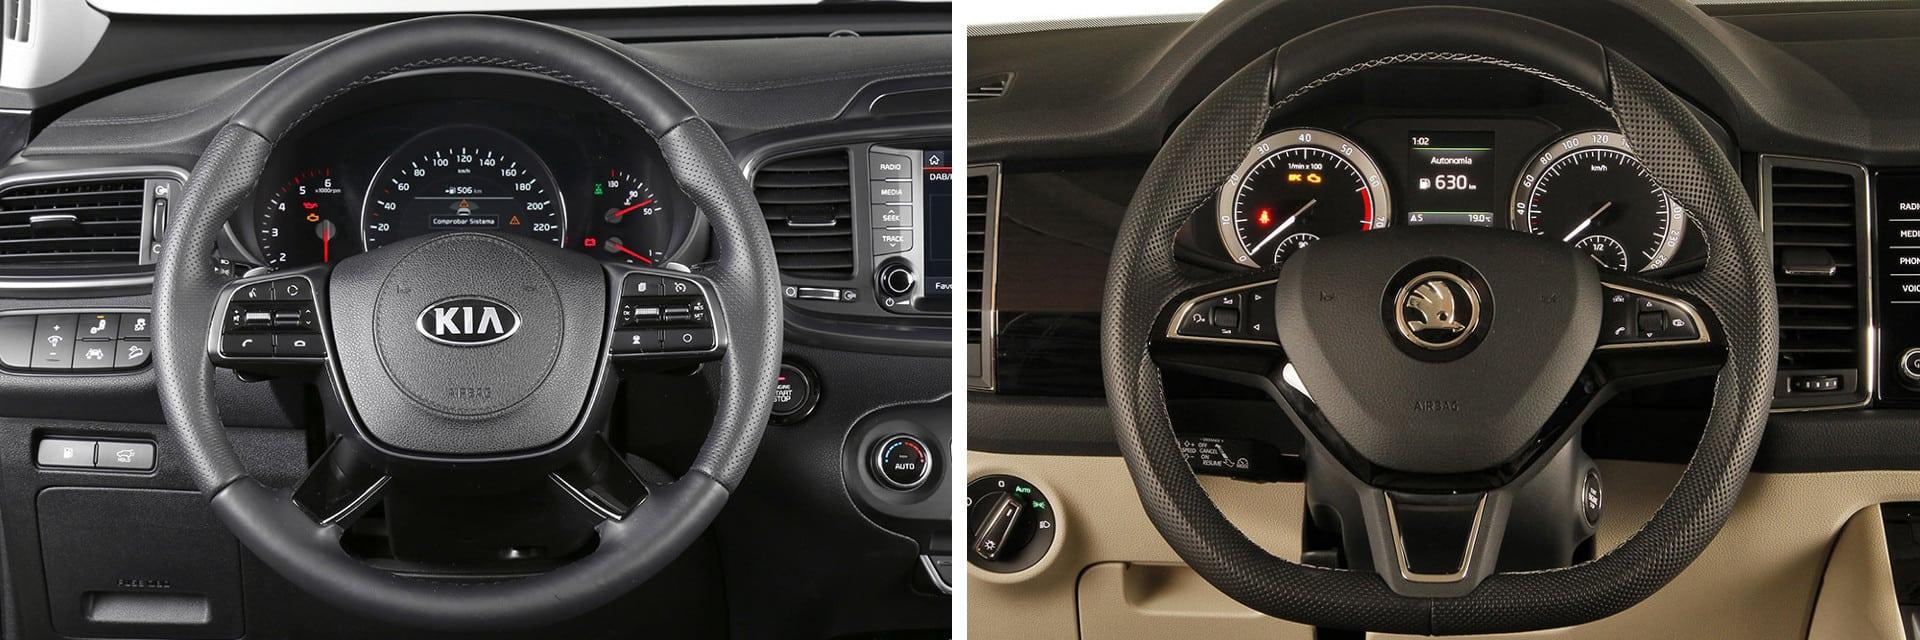 El volante del Sorento (izq) y el del Kodiaq (dcha) incluyen mandos para controlar el sistema multimedia.